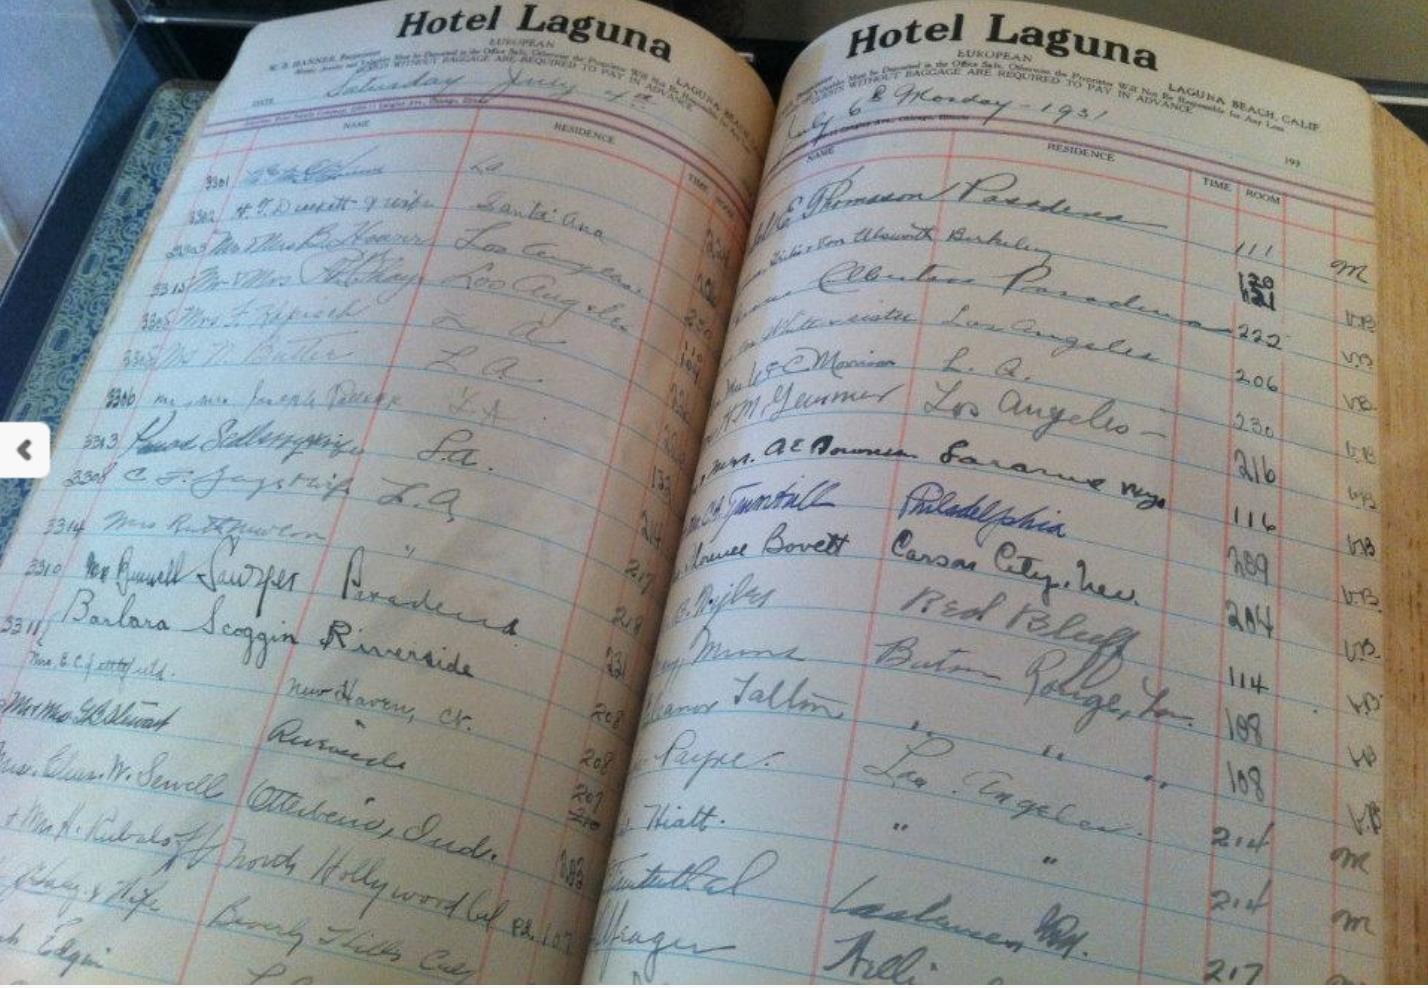 Hotel Laguna Guest Book - 1931